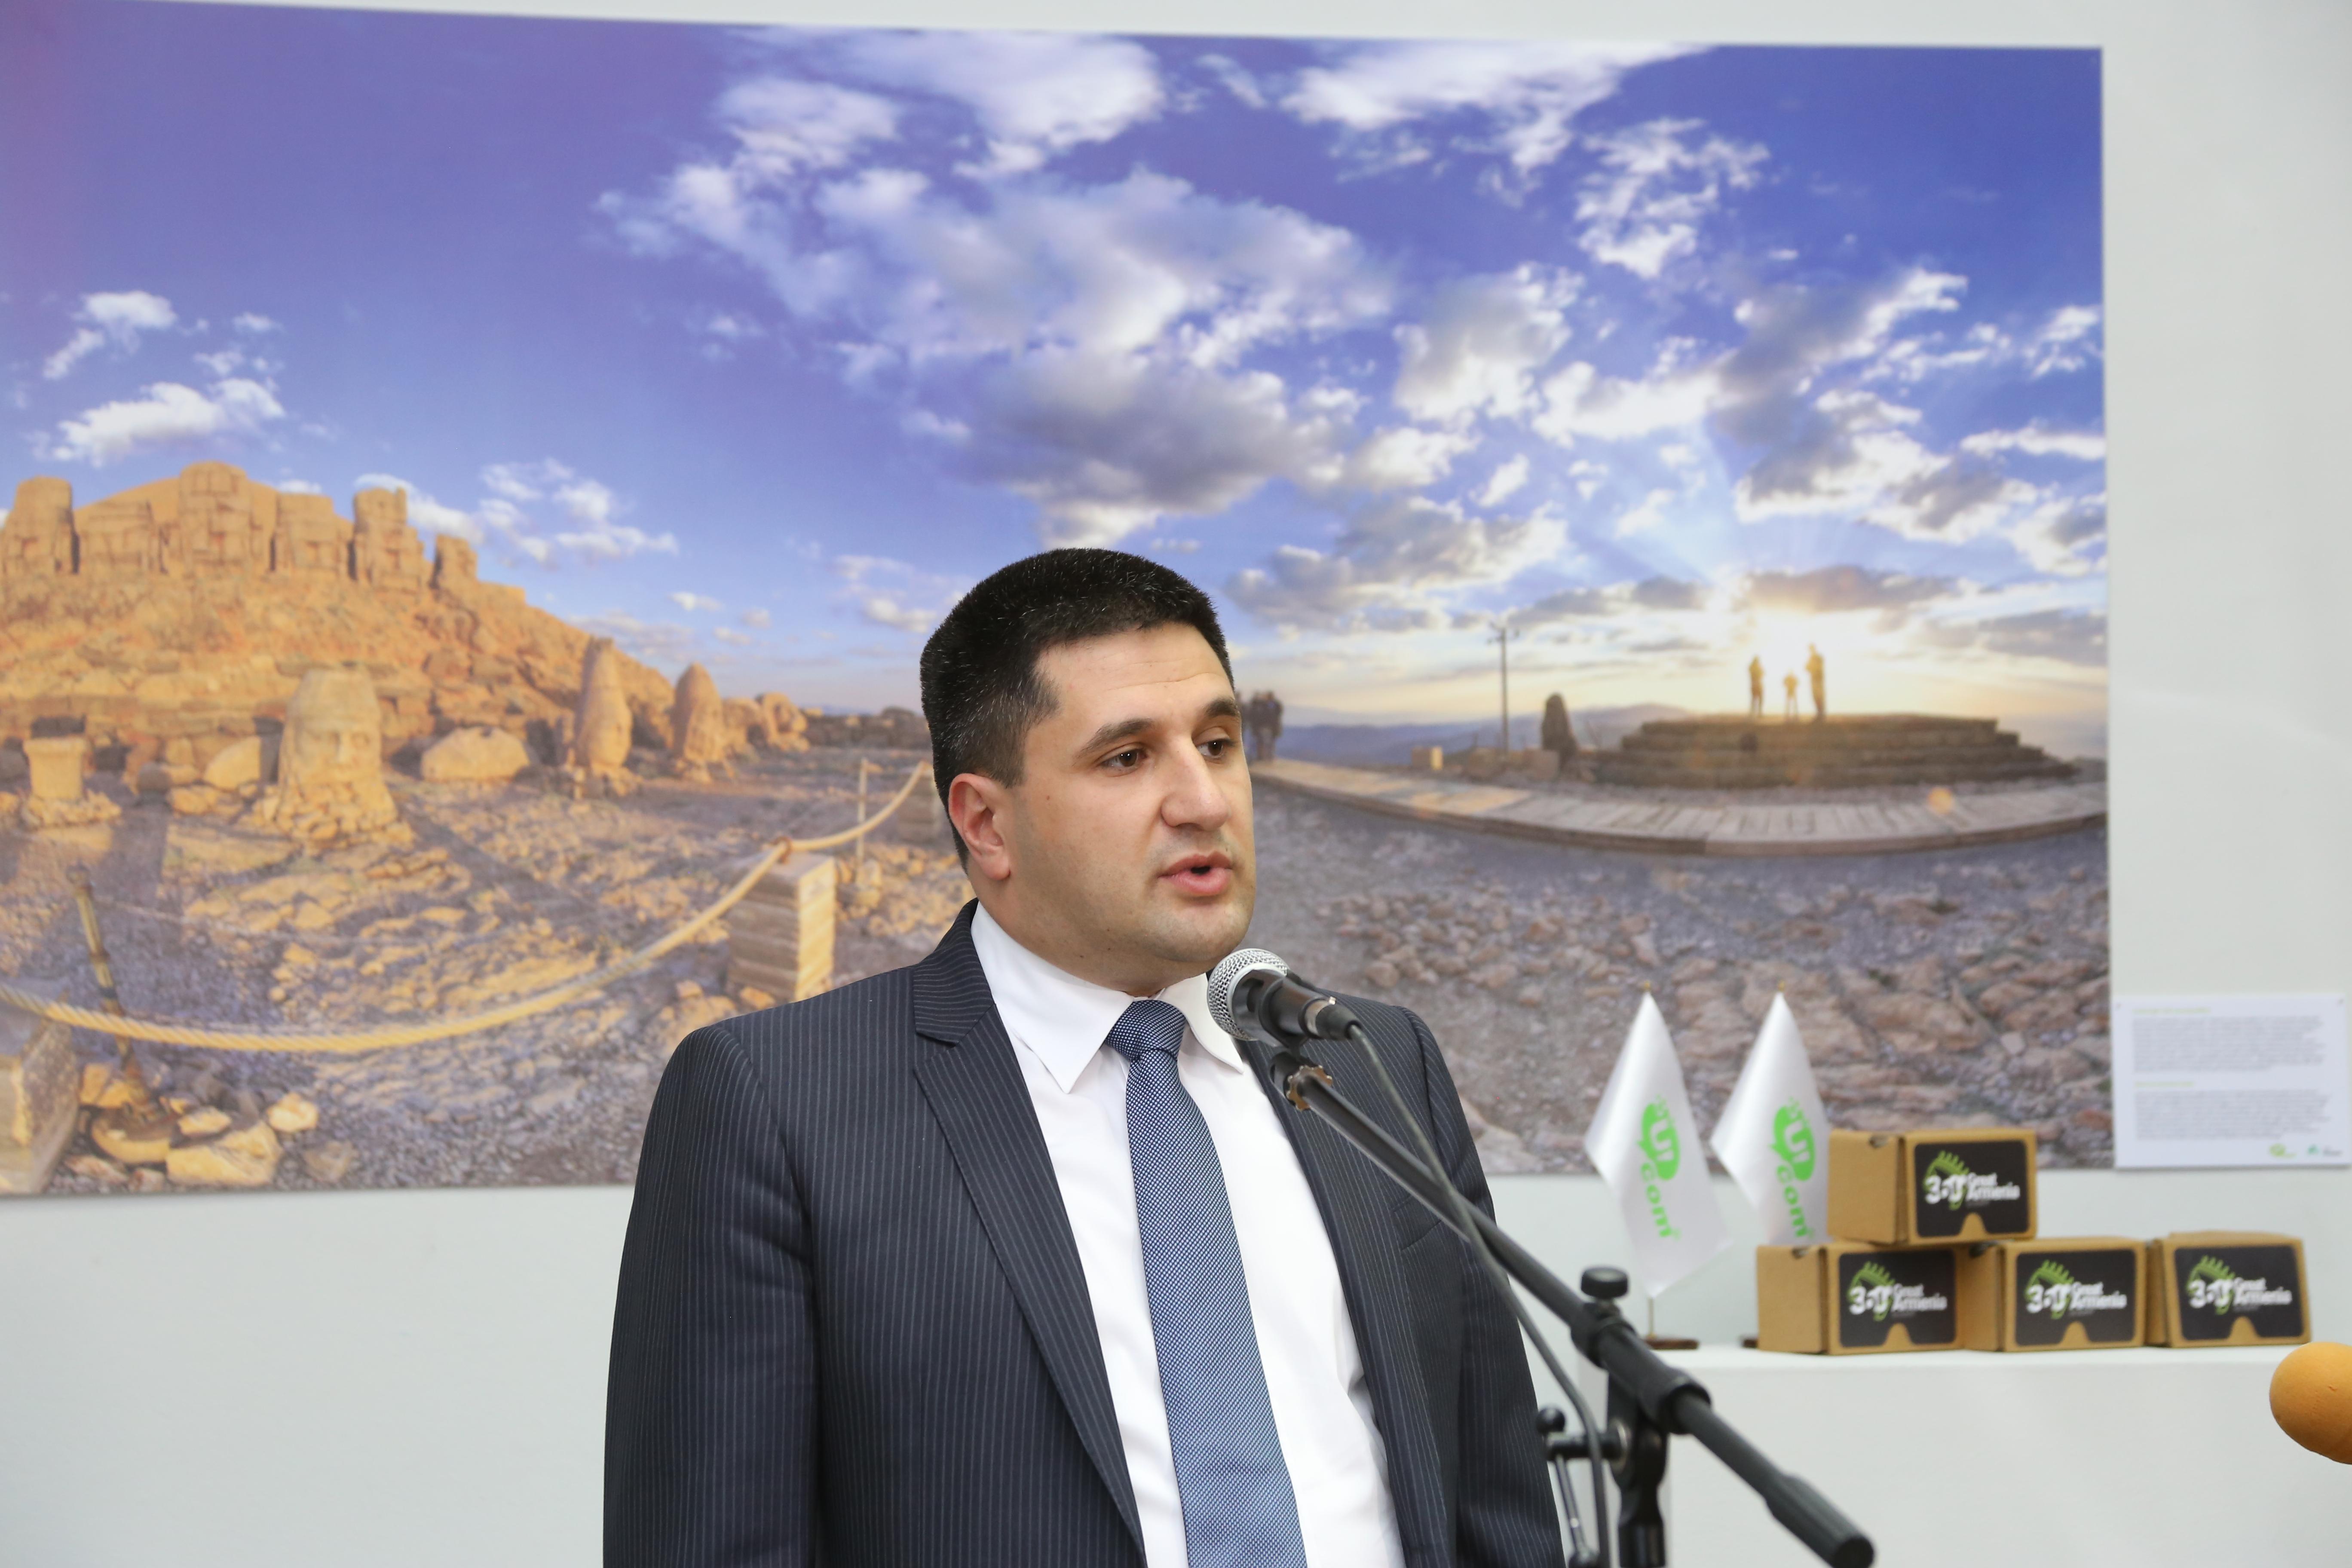 Ucom. Հայաստանի ազգային պատկերասրահում մեկնարկել է «360° Մեծ Հայք» նախագծի ցուցադրությունը